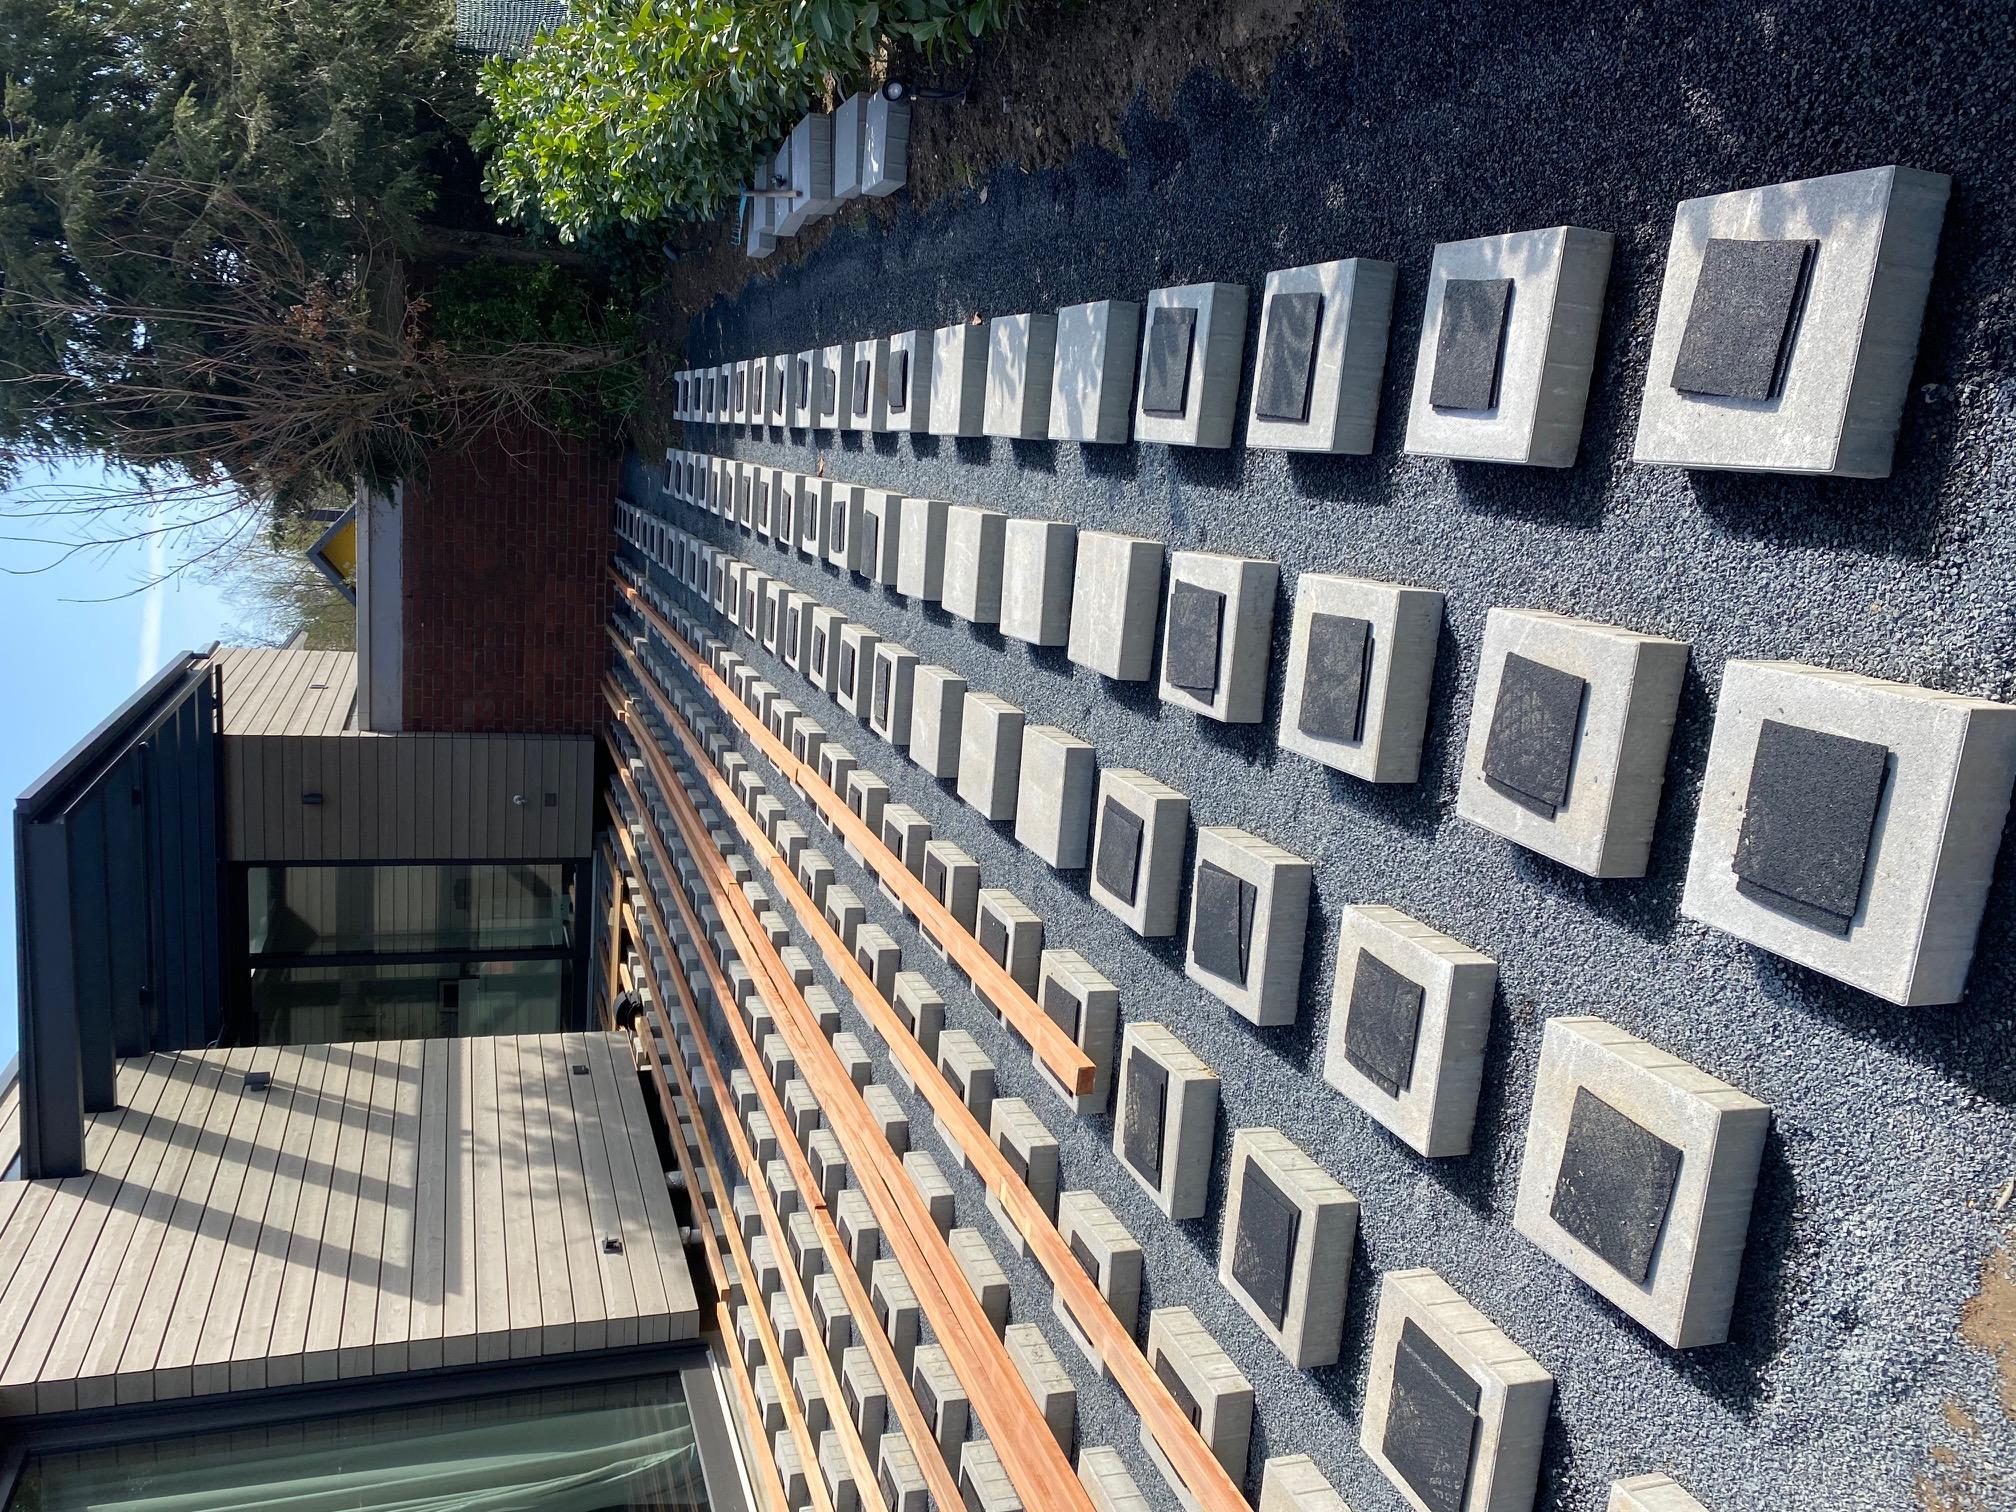 Konstruktionsholz Terrassendielen Verlegung Parkett Weber